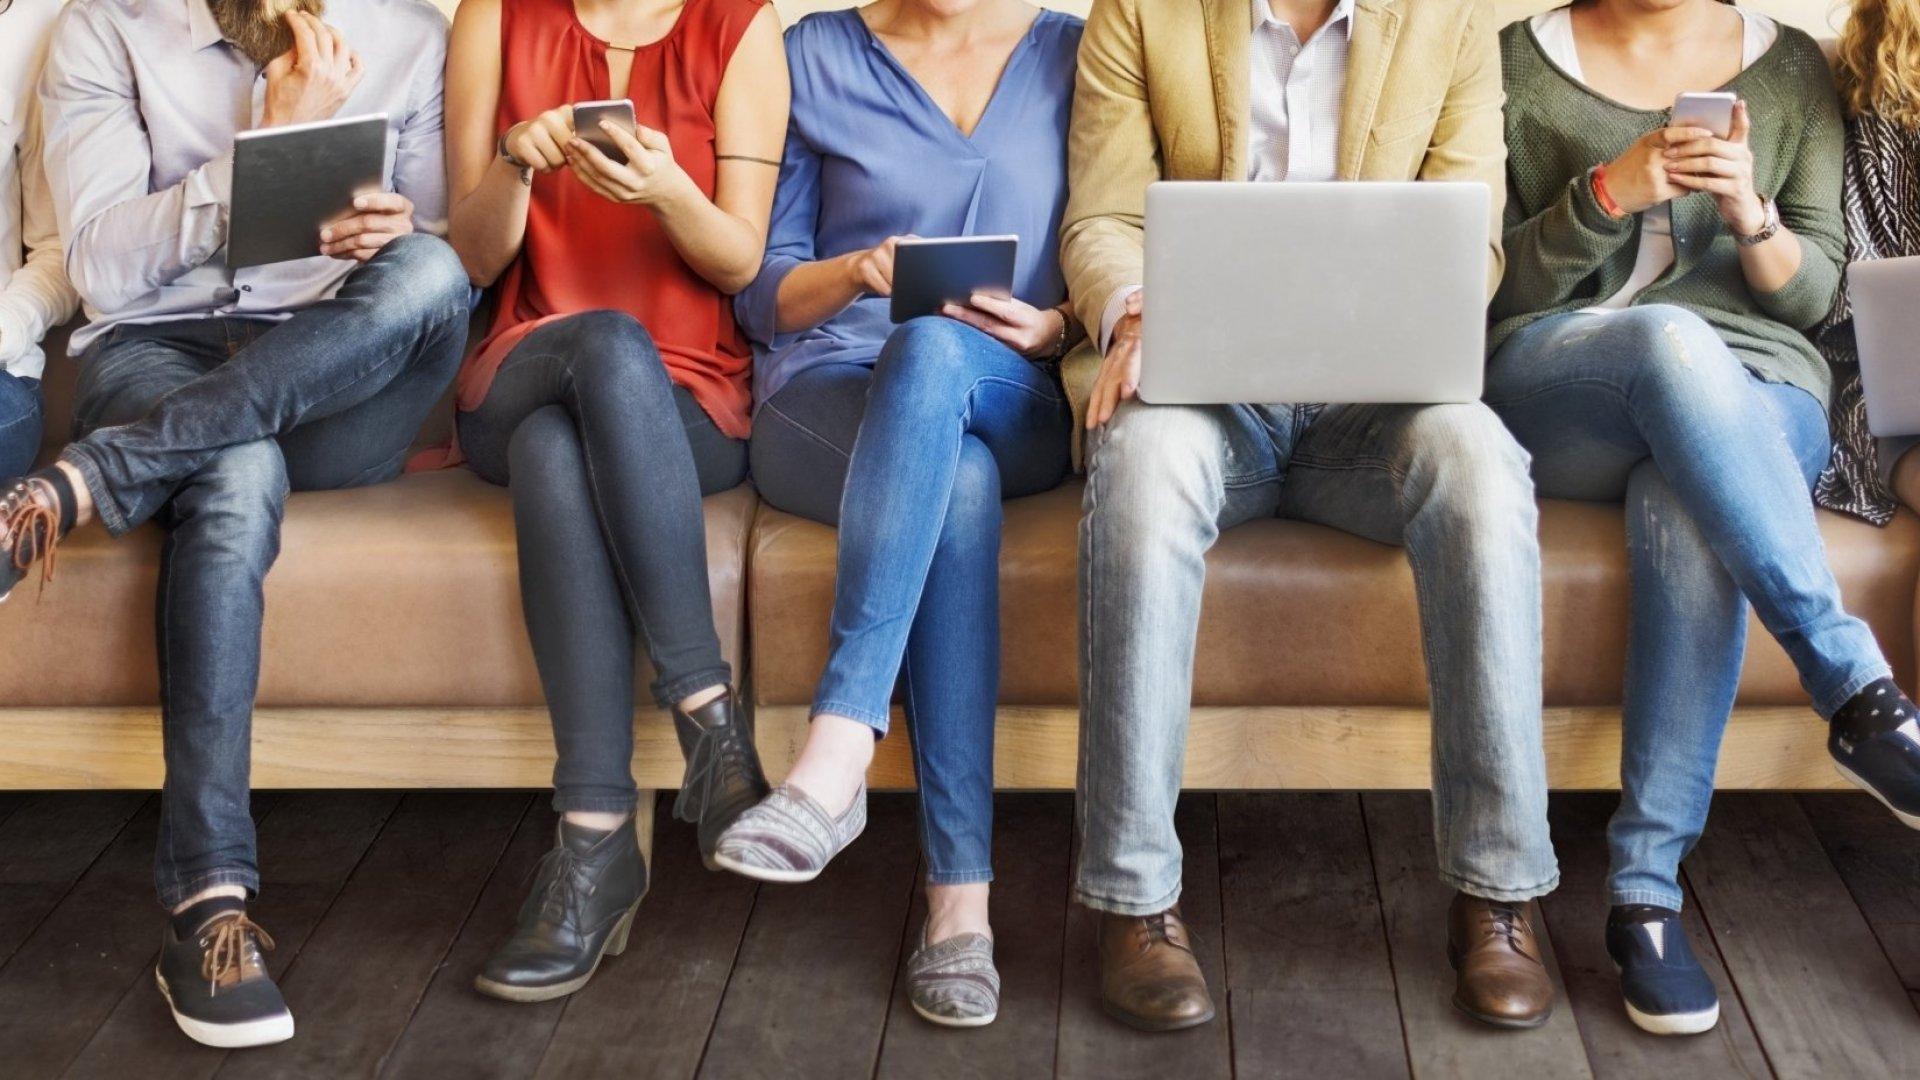 6 Social Media Trends to Prepare for in 2018